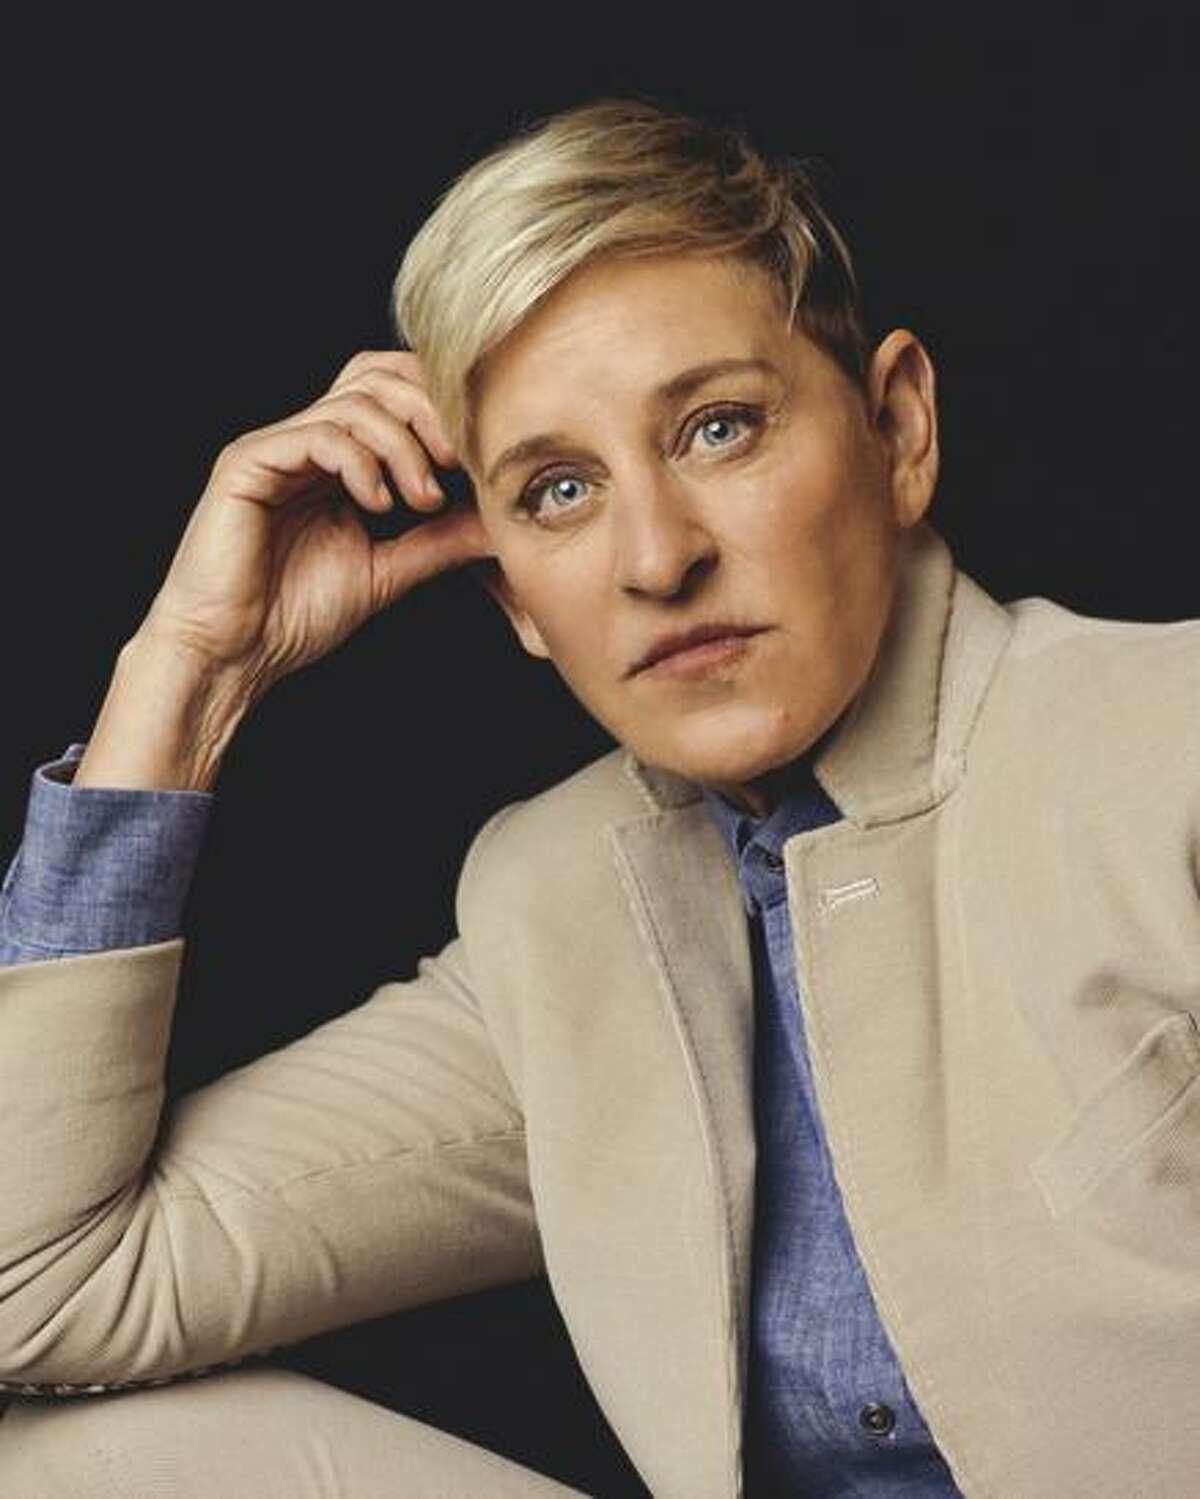 Ellen DeGeneres isn't so nice in her new special on Netflix.